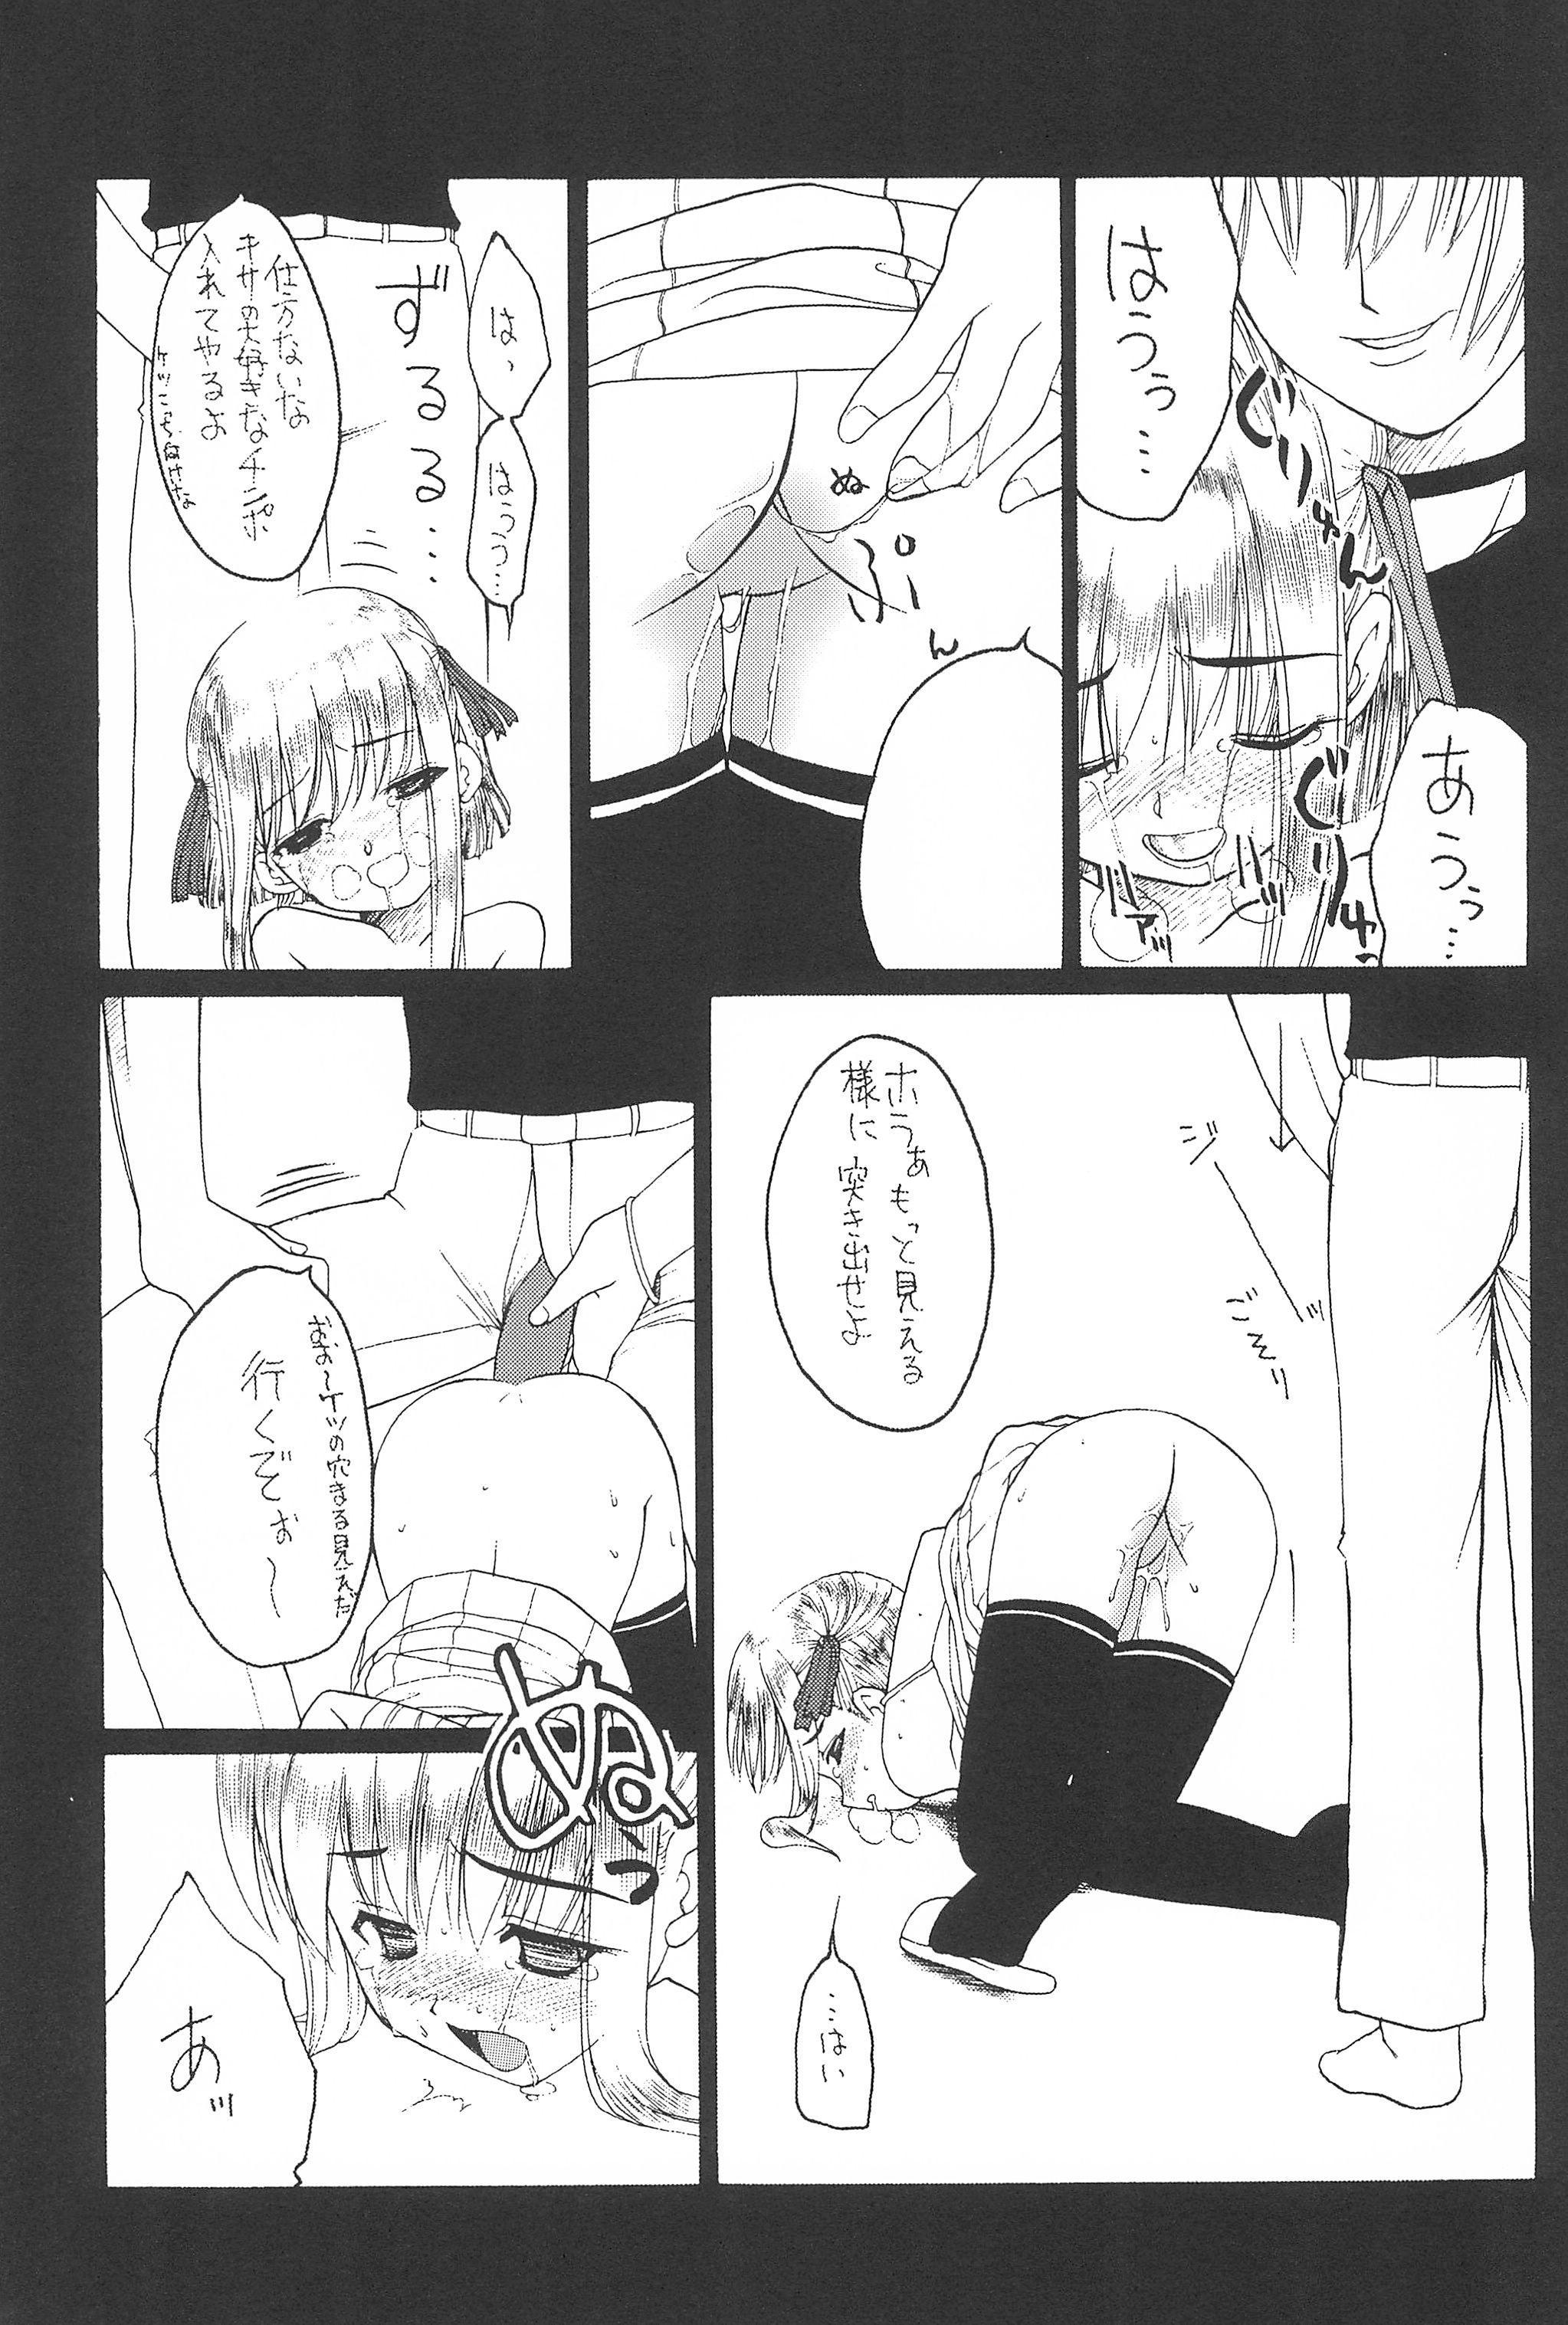 (SC22) [Shinobi no Yakata (Iwama Yoshiki) JEWEL-BOX 10 LOLITA-SARAD (Various) 10